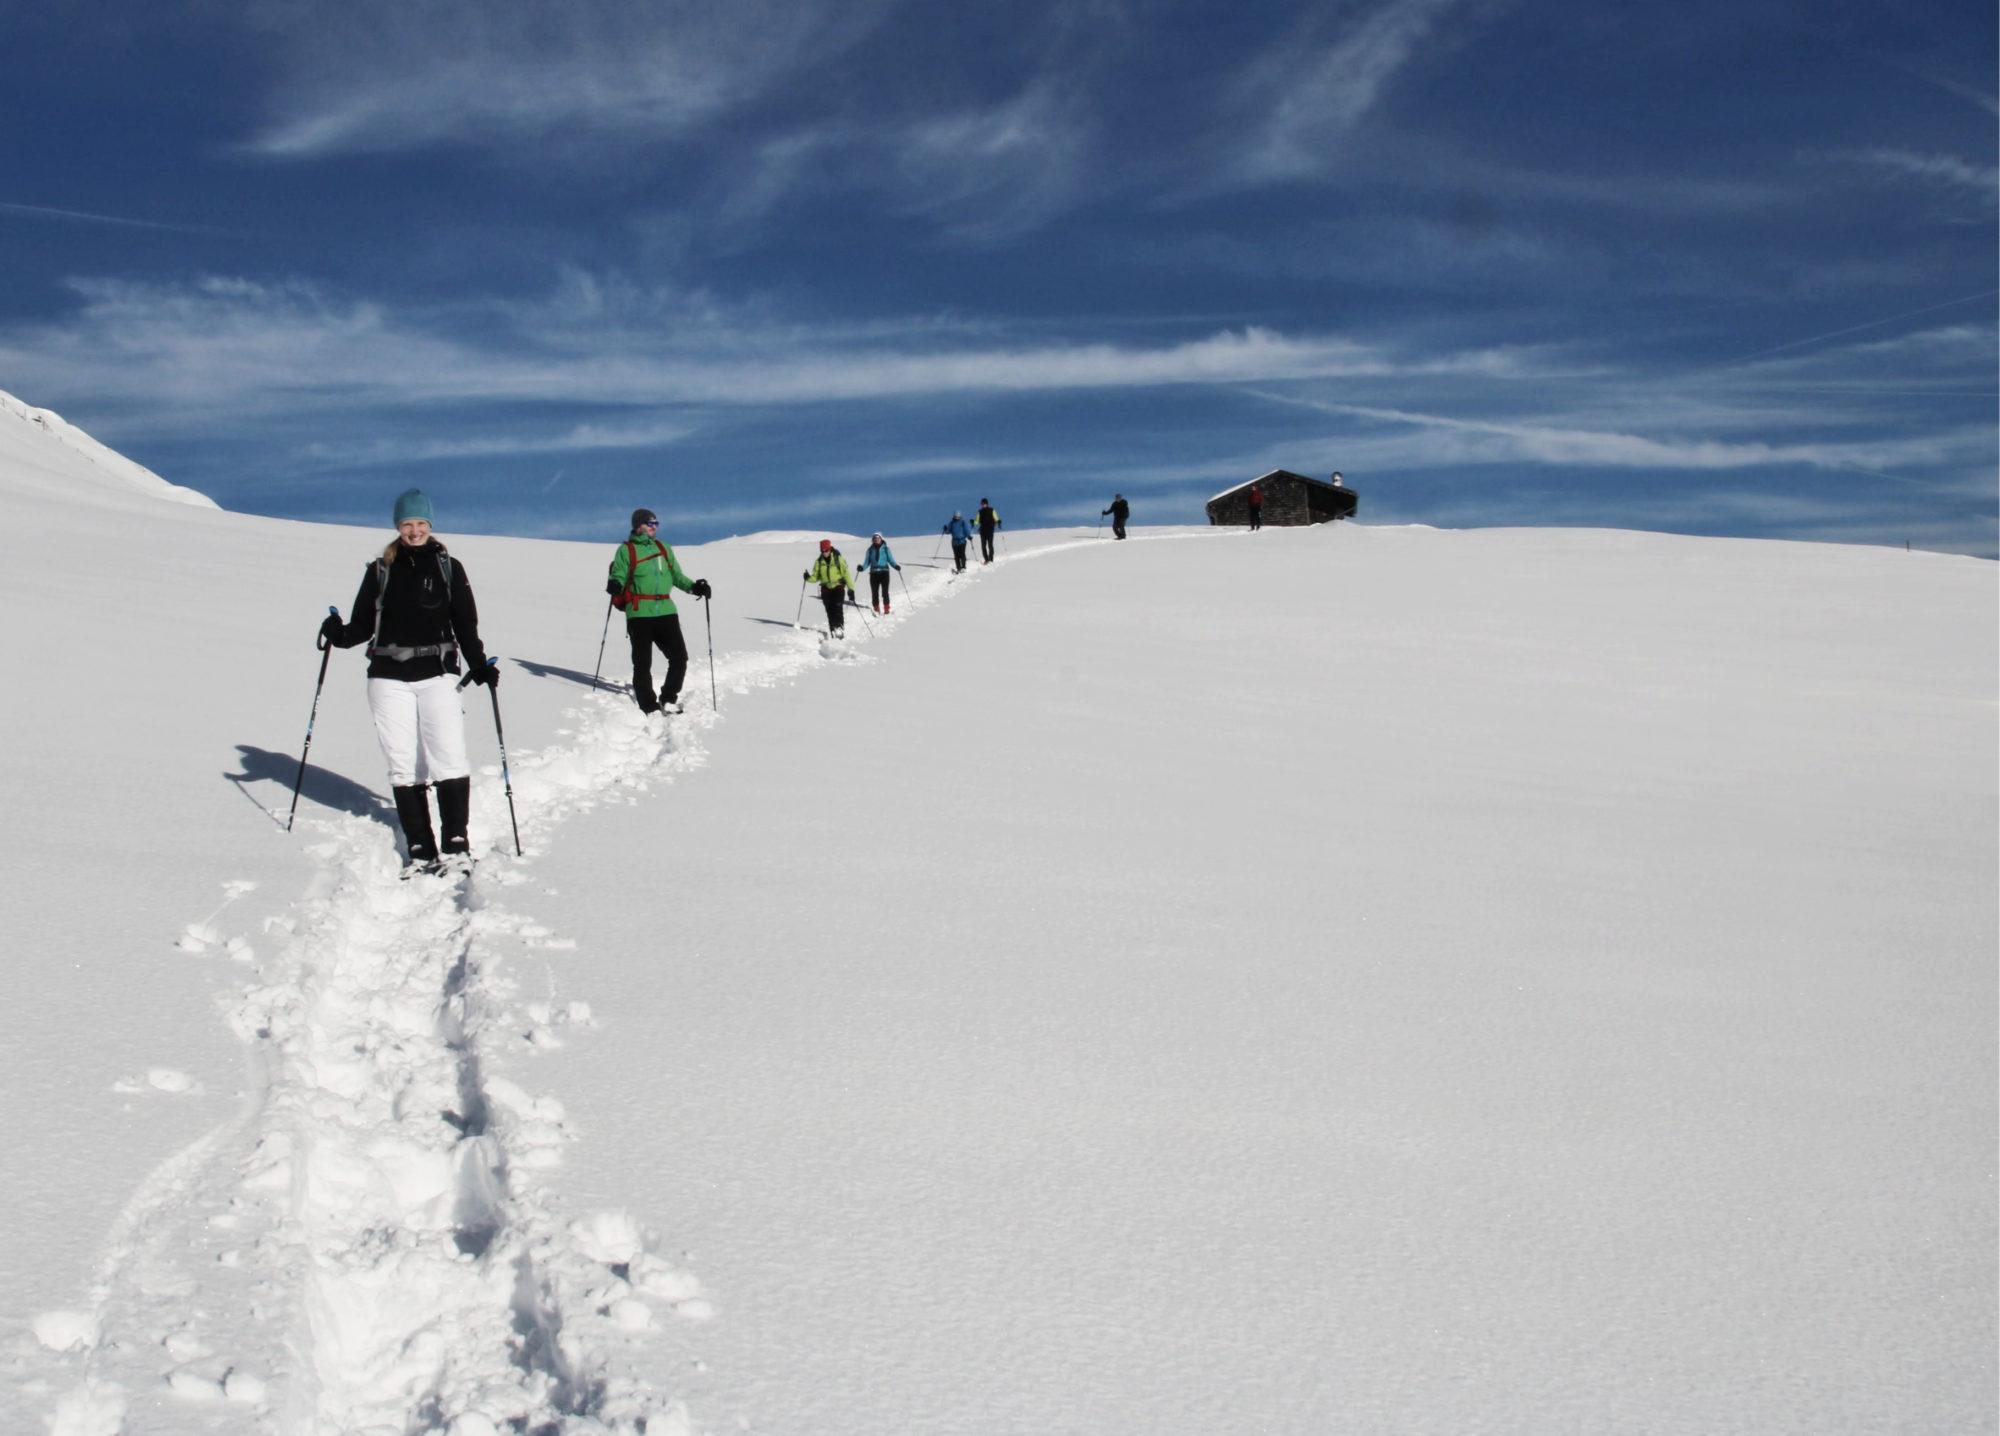 Genießen der letzten Sonnenstrahlen und Wanderschritte beim Schneeschuhwandern